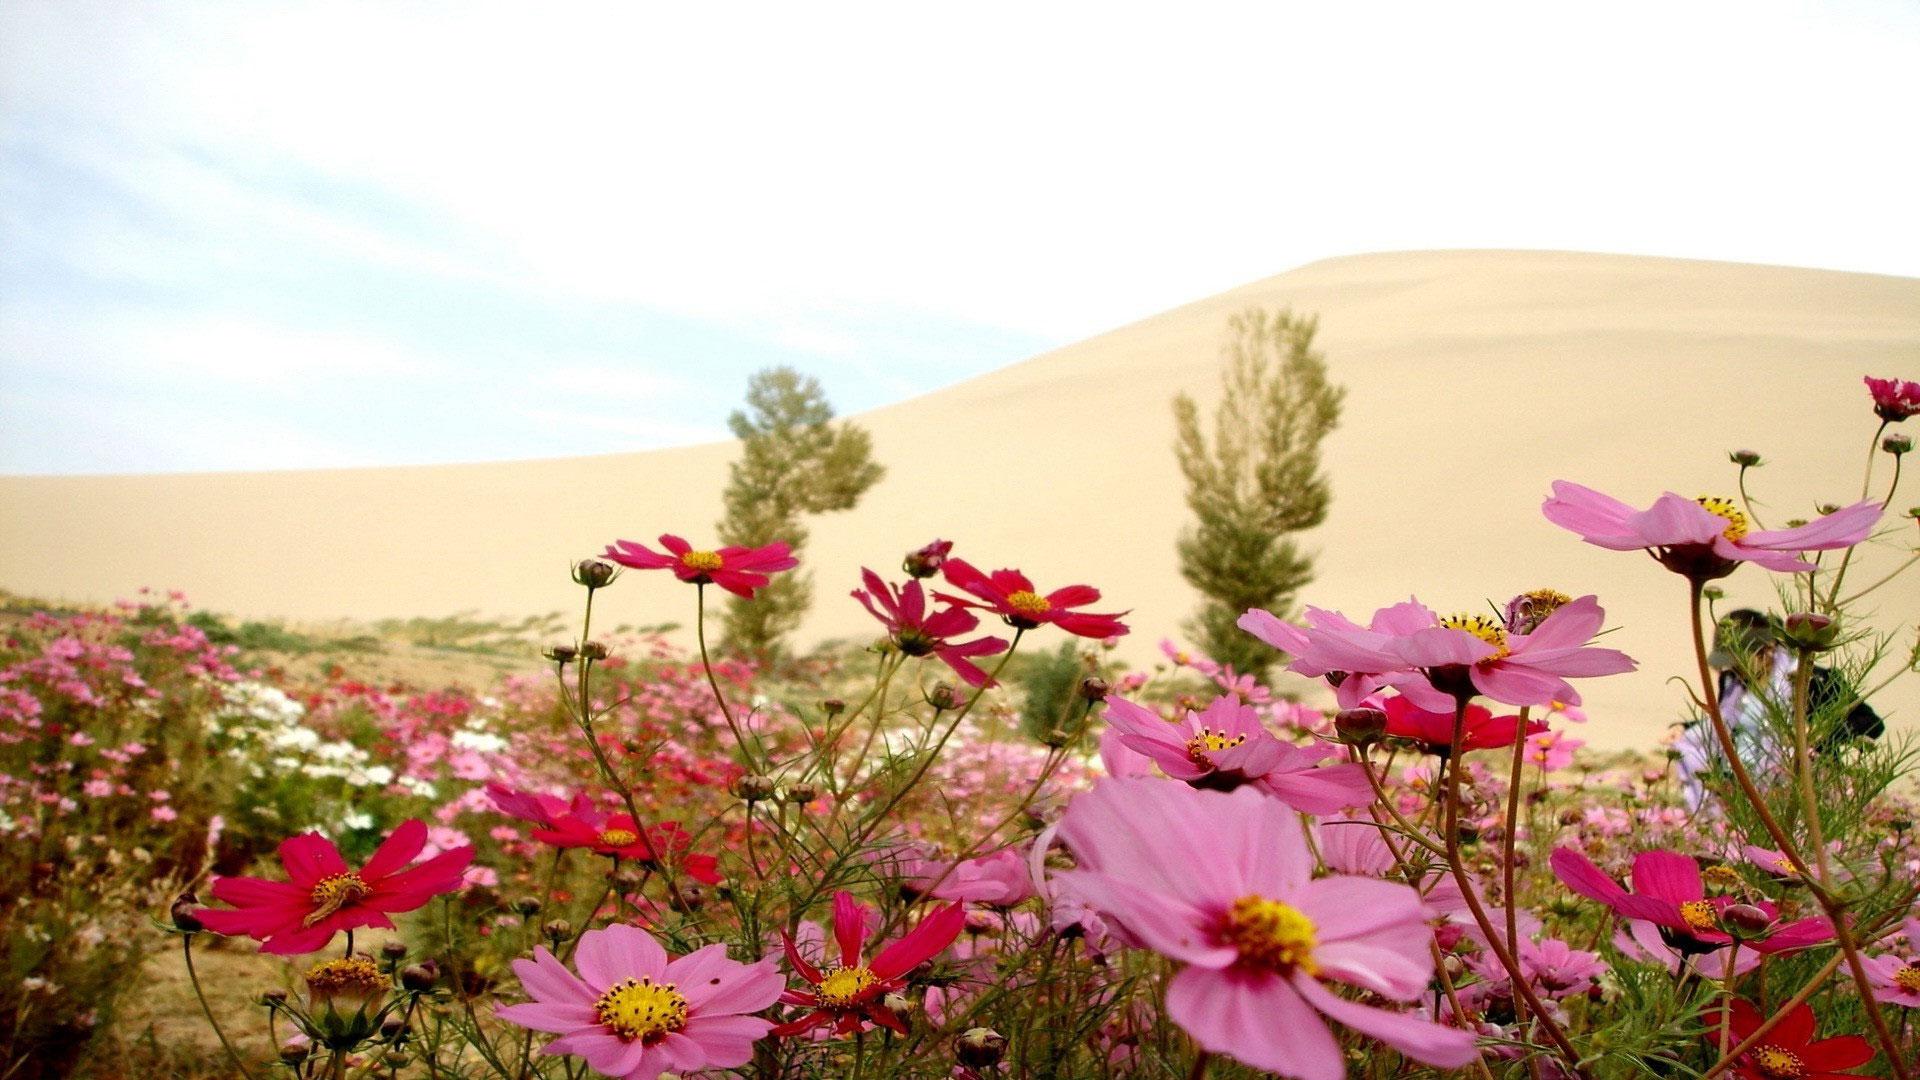 Полевые цветы фото высокого разрешения